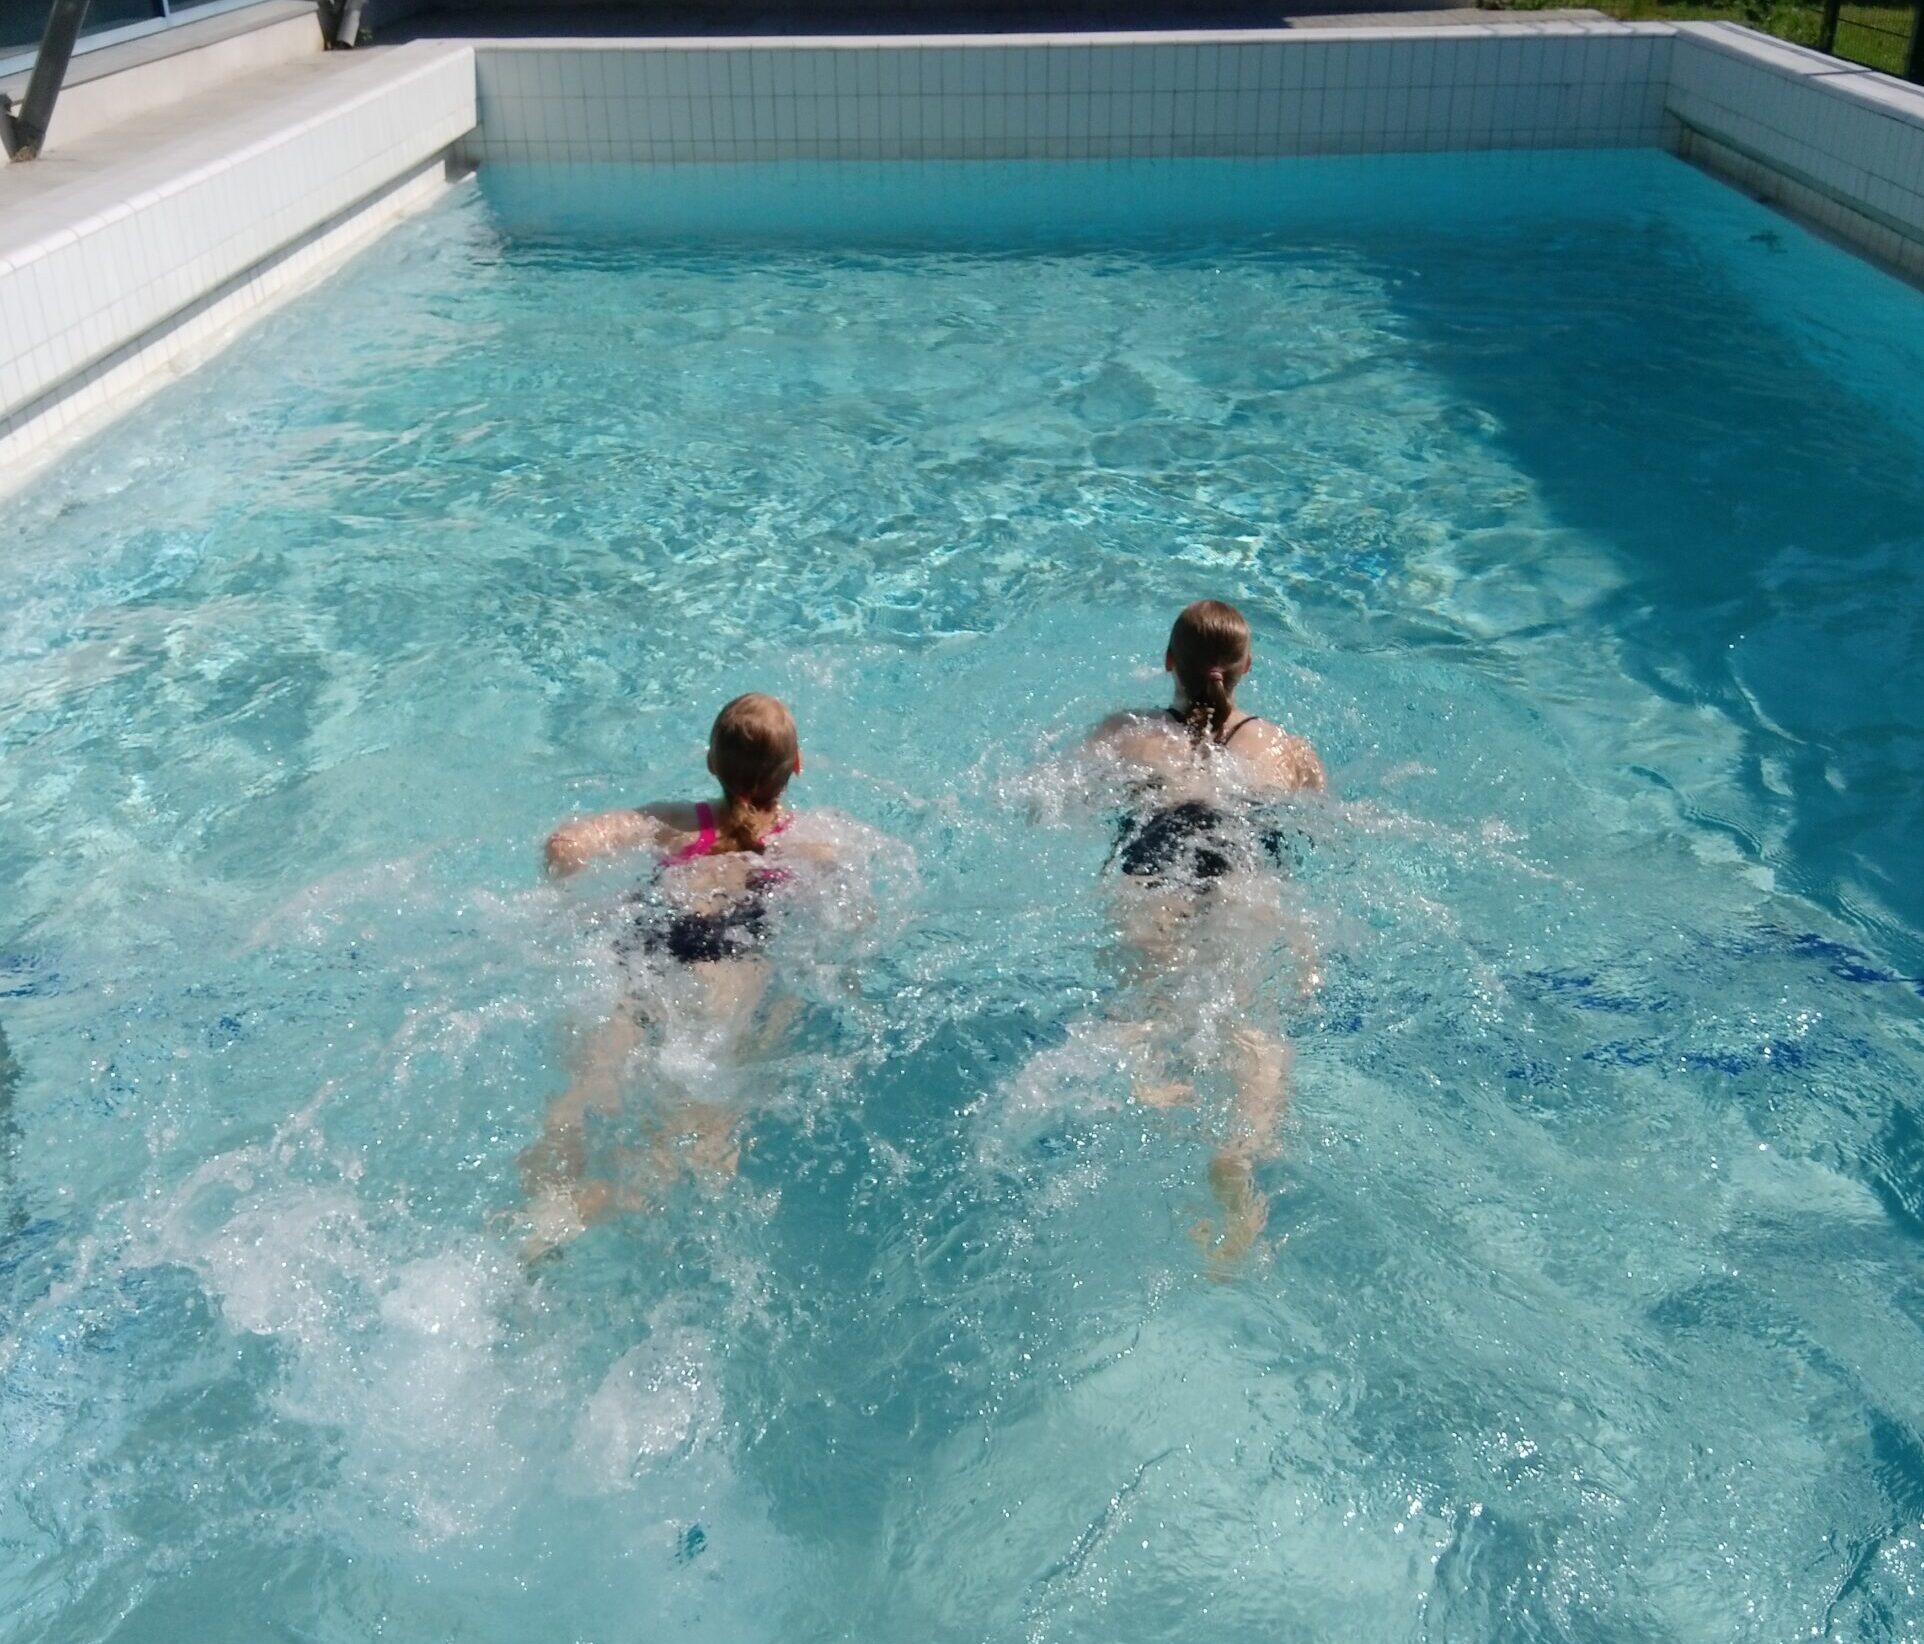 kaksi uimaria ulkoaltaassa